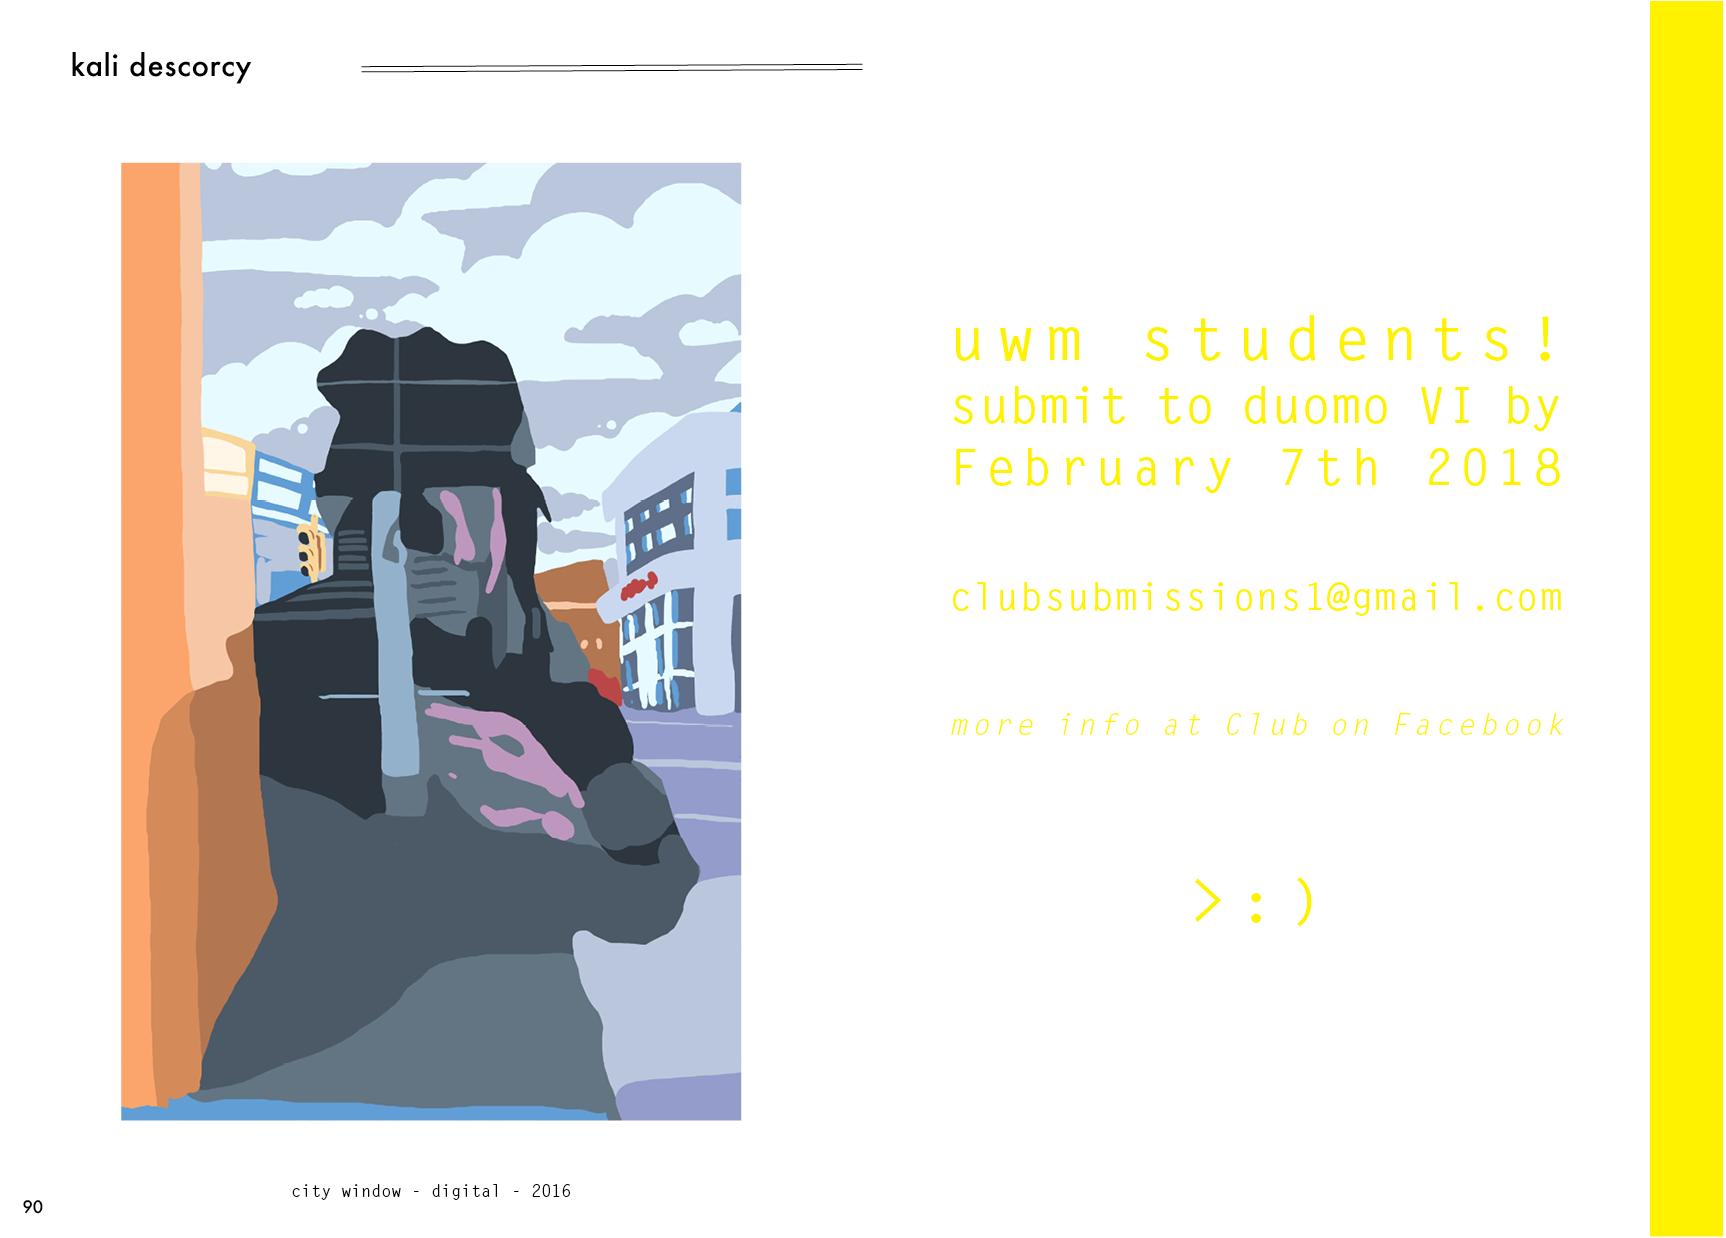 duomo-5-website49.png